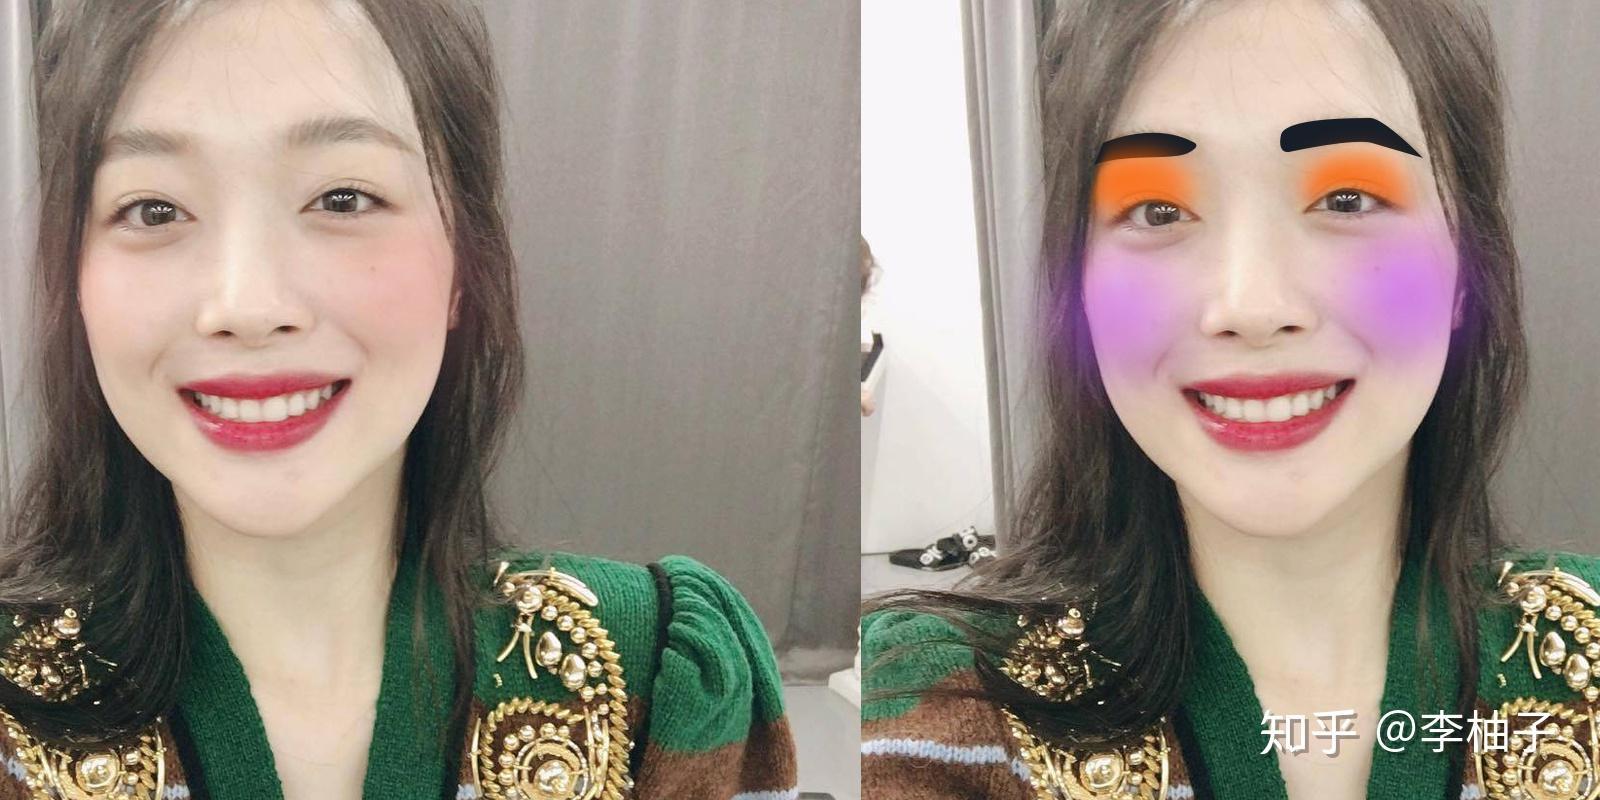 有哪些简单但合川化妆培训是很少人知道的化妆小技巧? 新闻中心 第17张